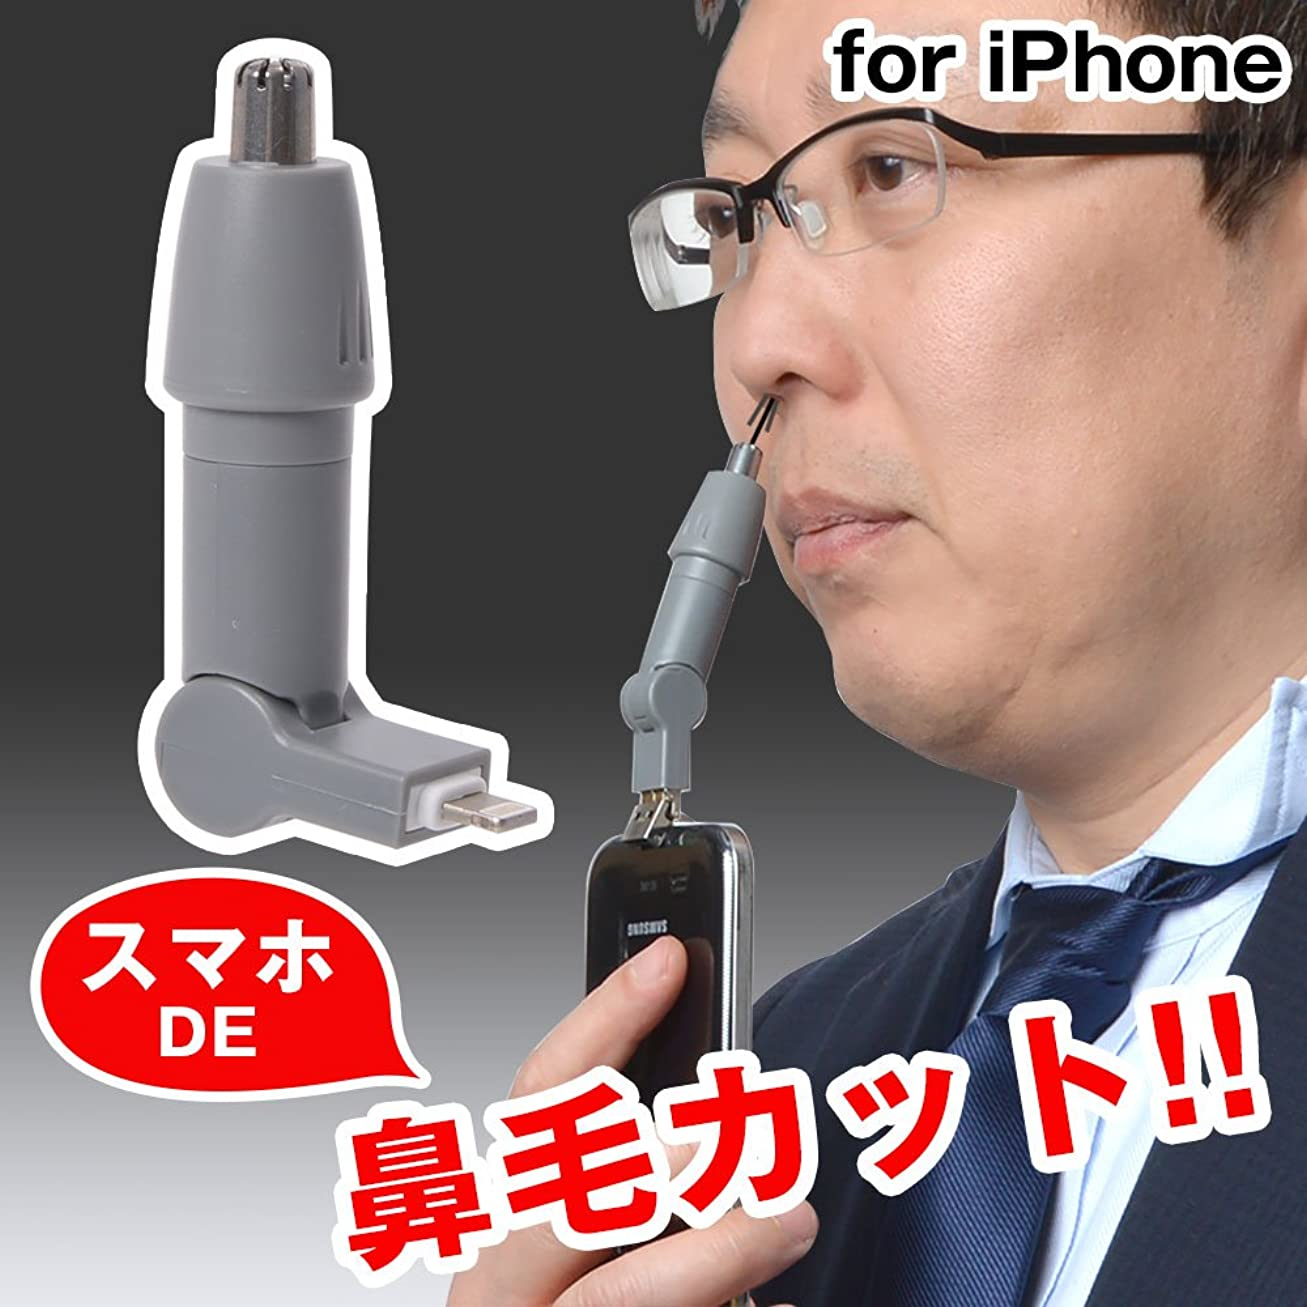 悲しいことにフォーム年スマホde鼻毛カッター ※日本語マニュアル付き サンコーレアモノショップ (for iPhone)